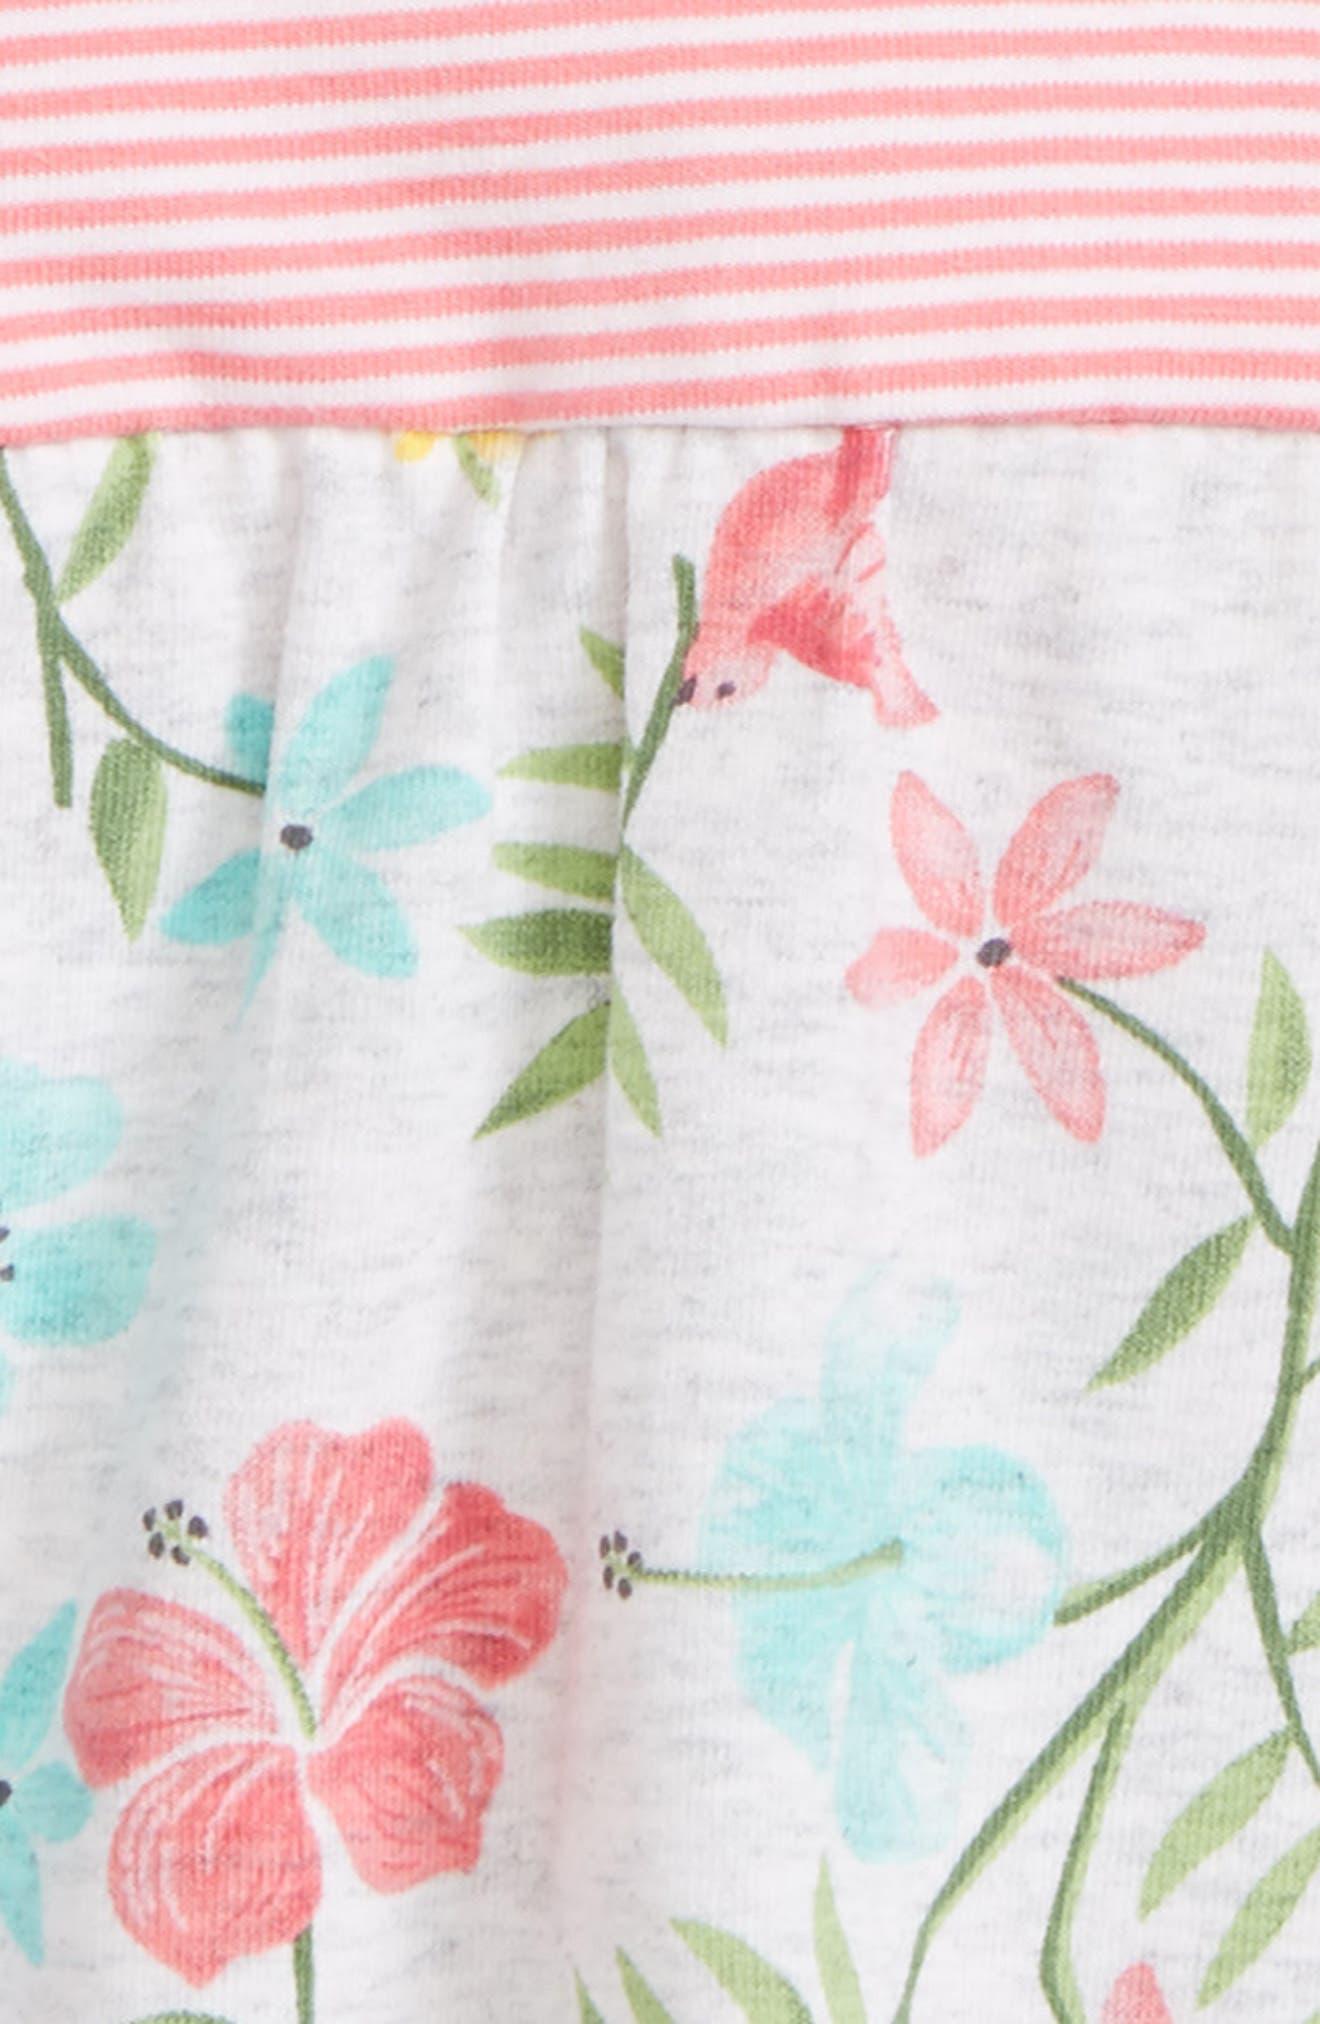 Tropical Floral Popover Bodysuit,                             Alternate thumbnail 2, color,                             Floral